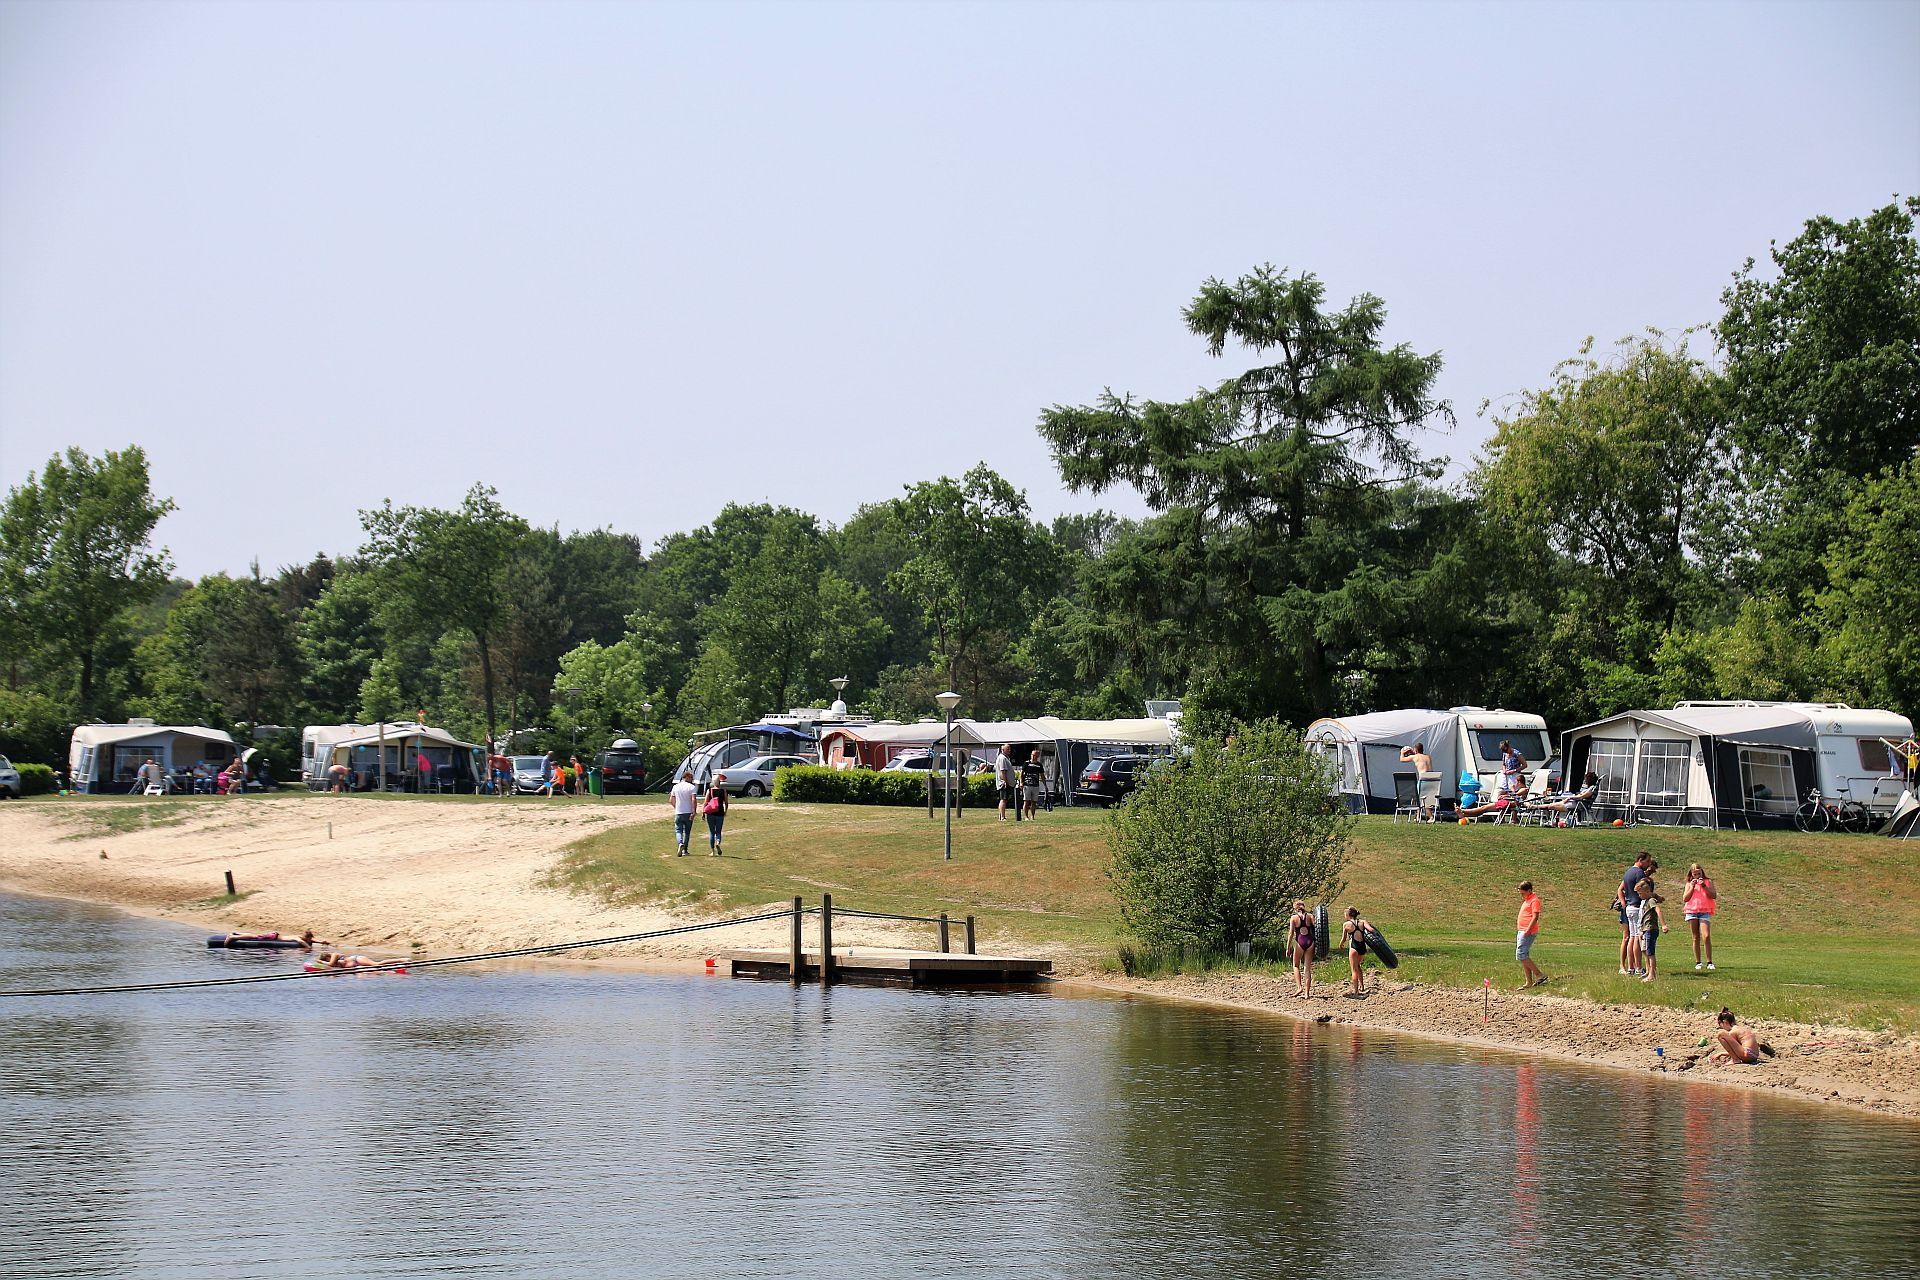 Kamperen in Overijssel op 5 sterren camping - Luxe kamperen in Overijssel